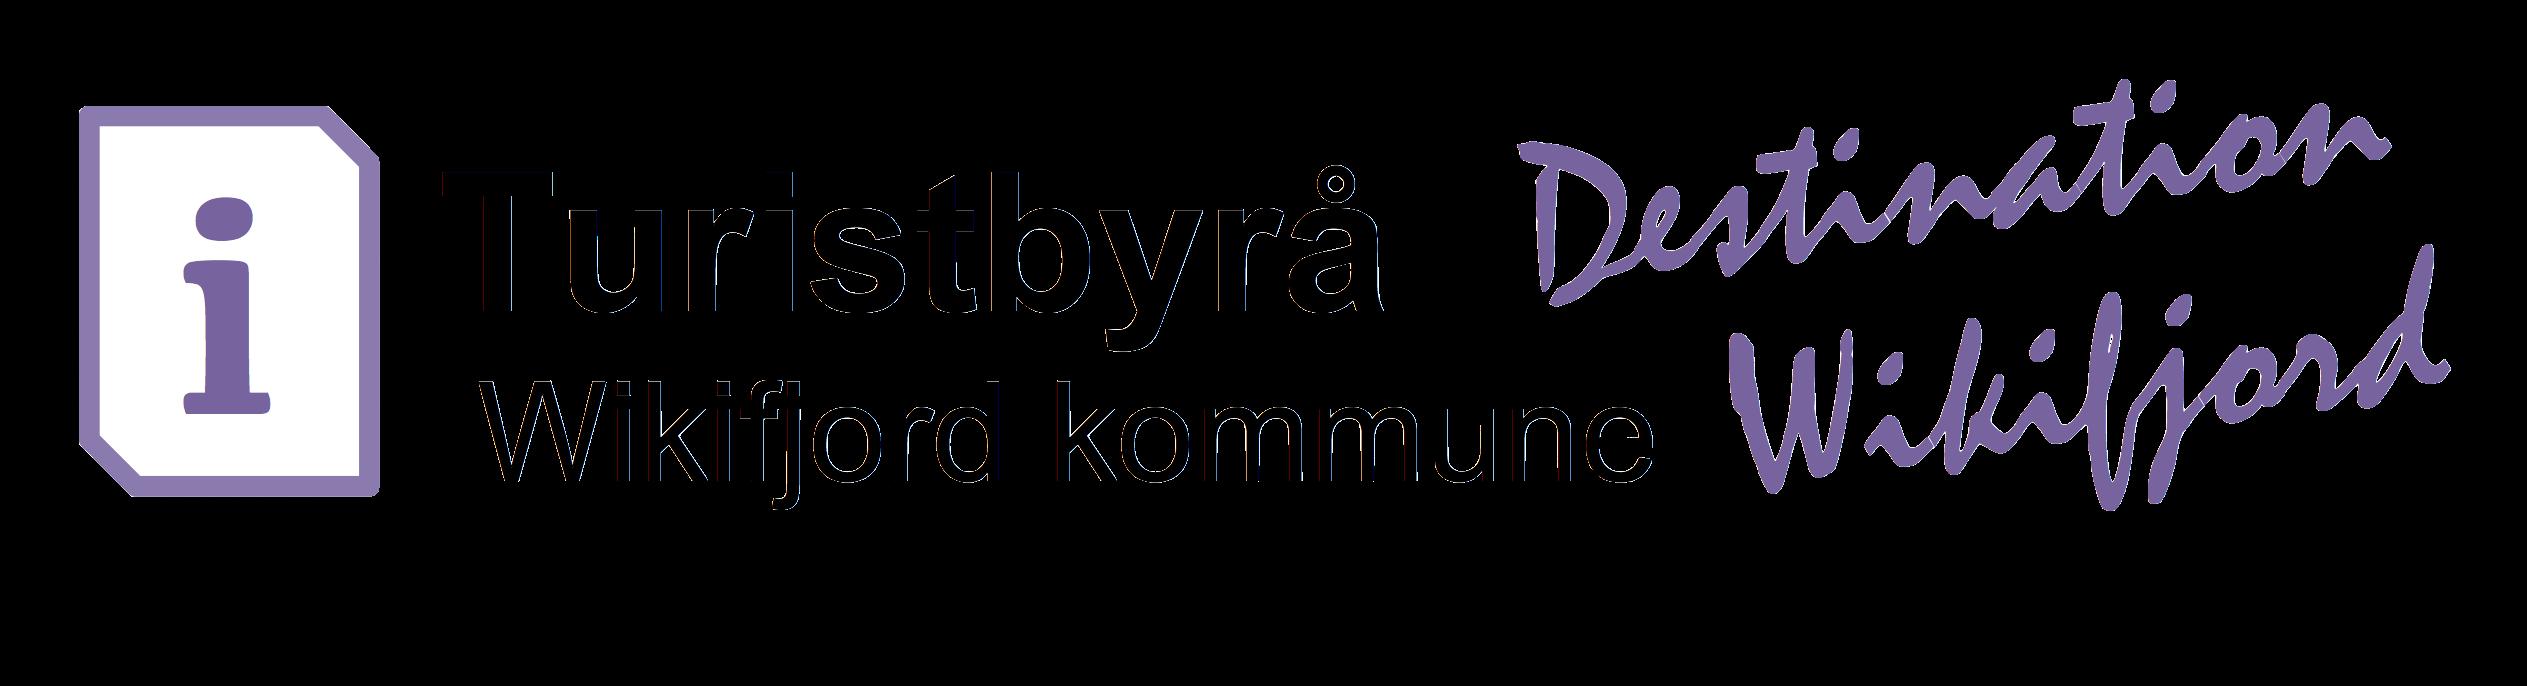 turi_logo.png